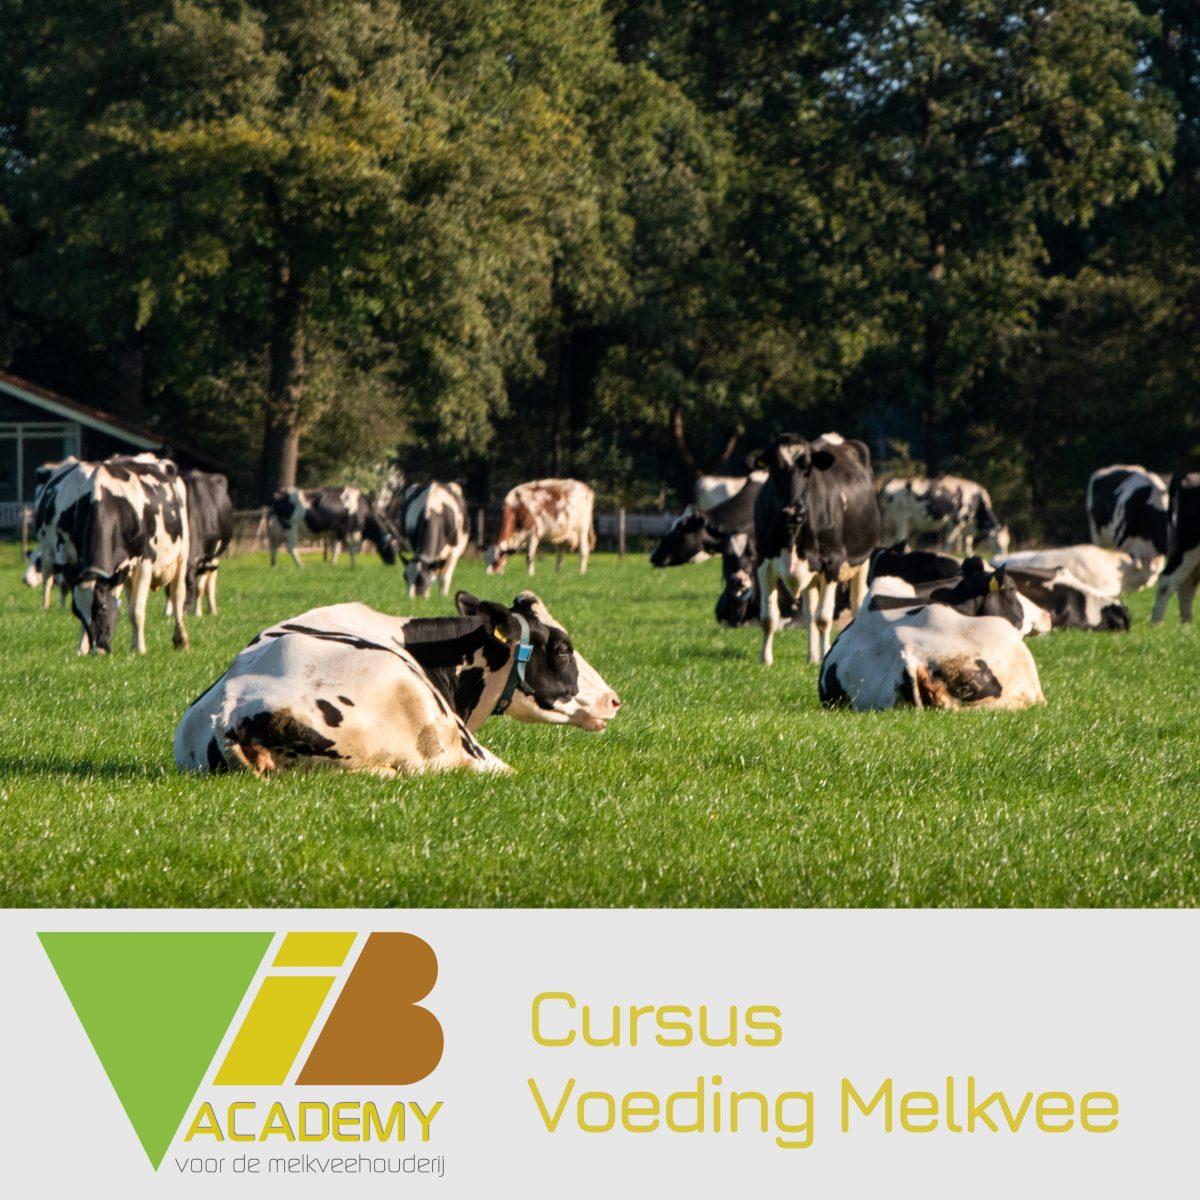 Cursus Voeding Melkvee